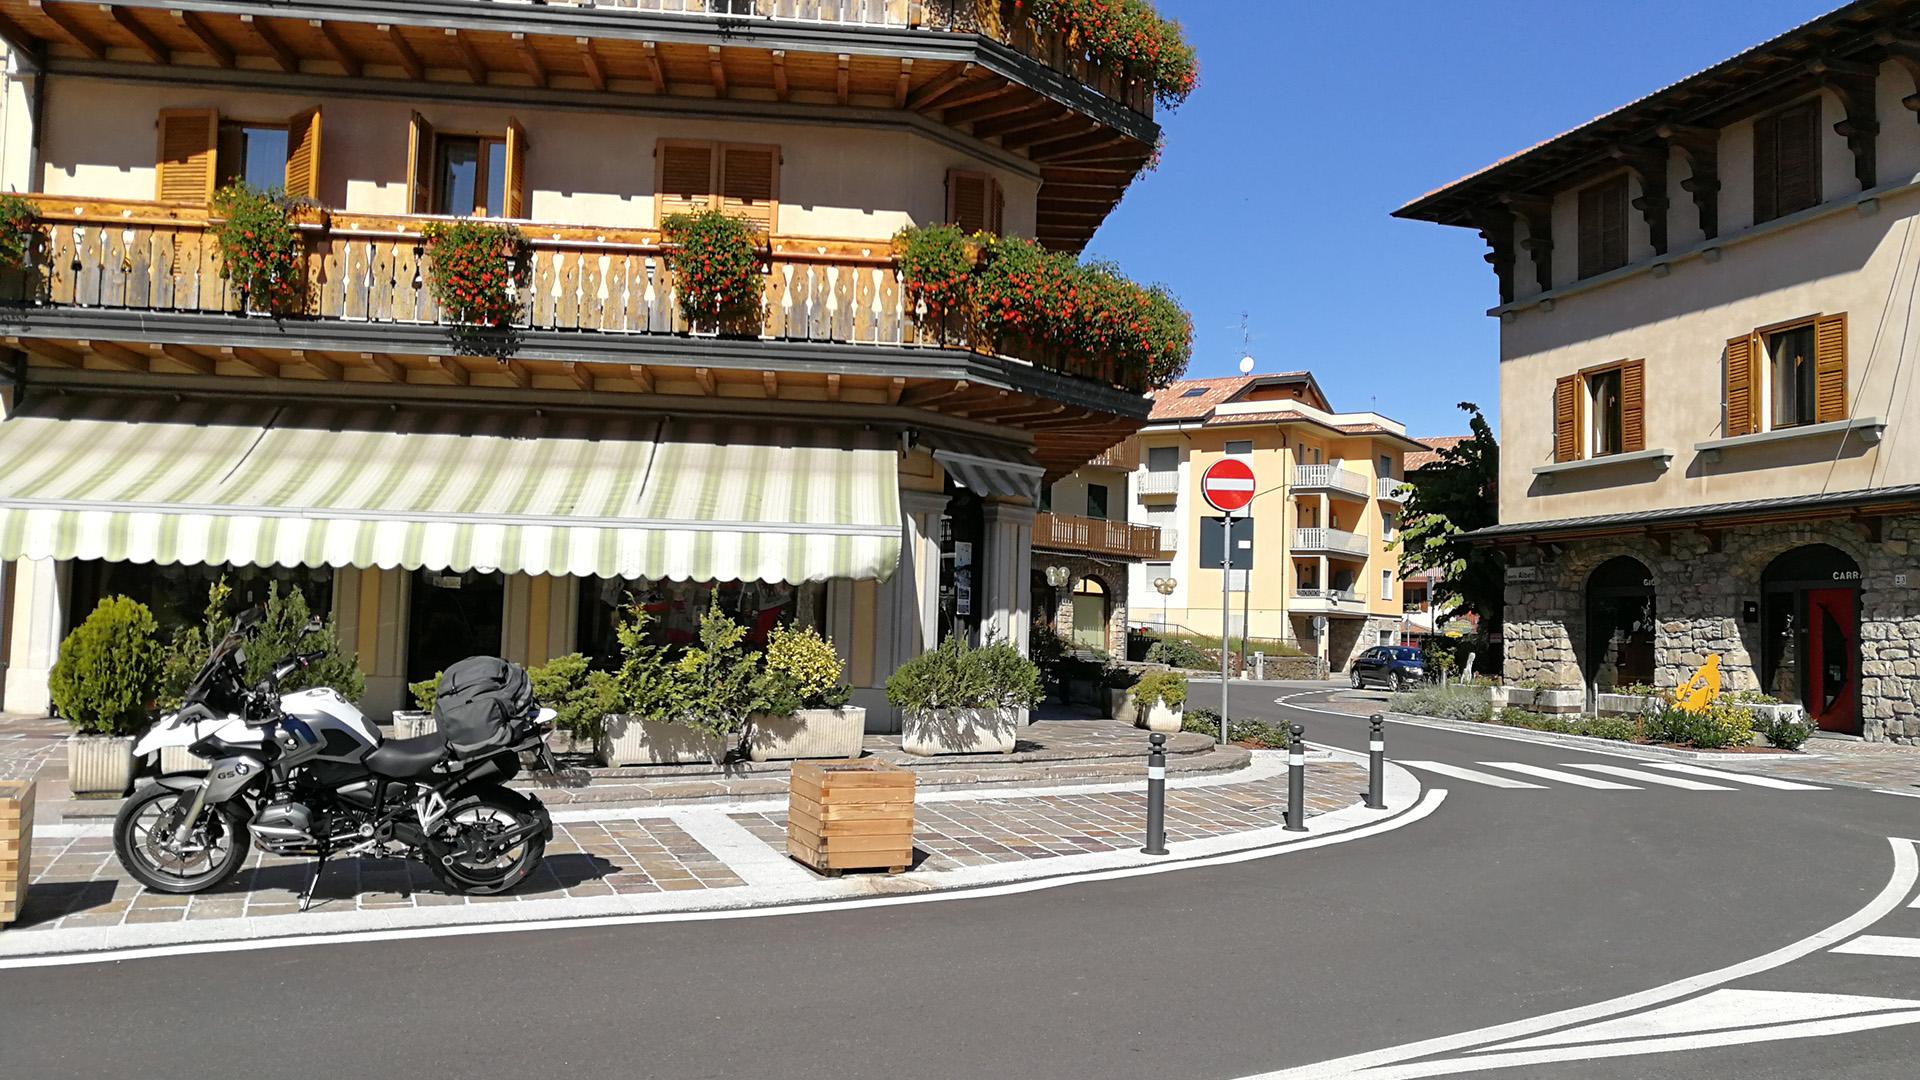 0948 - I - Passo di Selvino